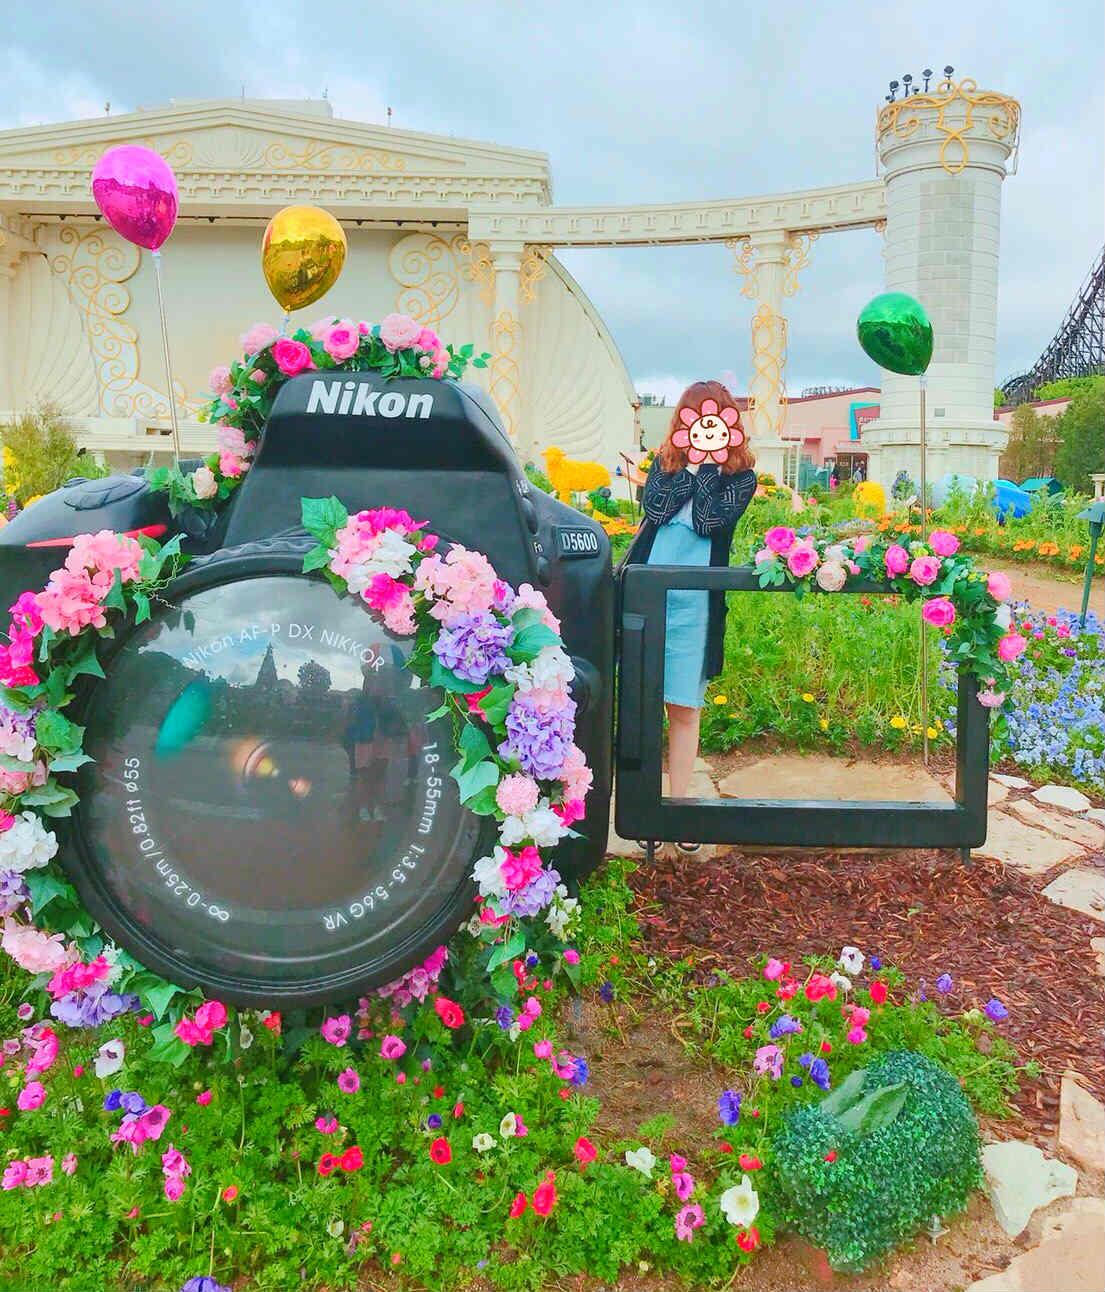 與過往最不同的地方,今年愛寶樂園與Nikon合作,將鬱金香花園裡很多景點都設計成特別的拍攝熱點,大受遊客歡迎!